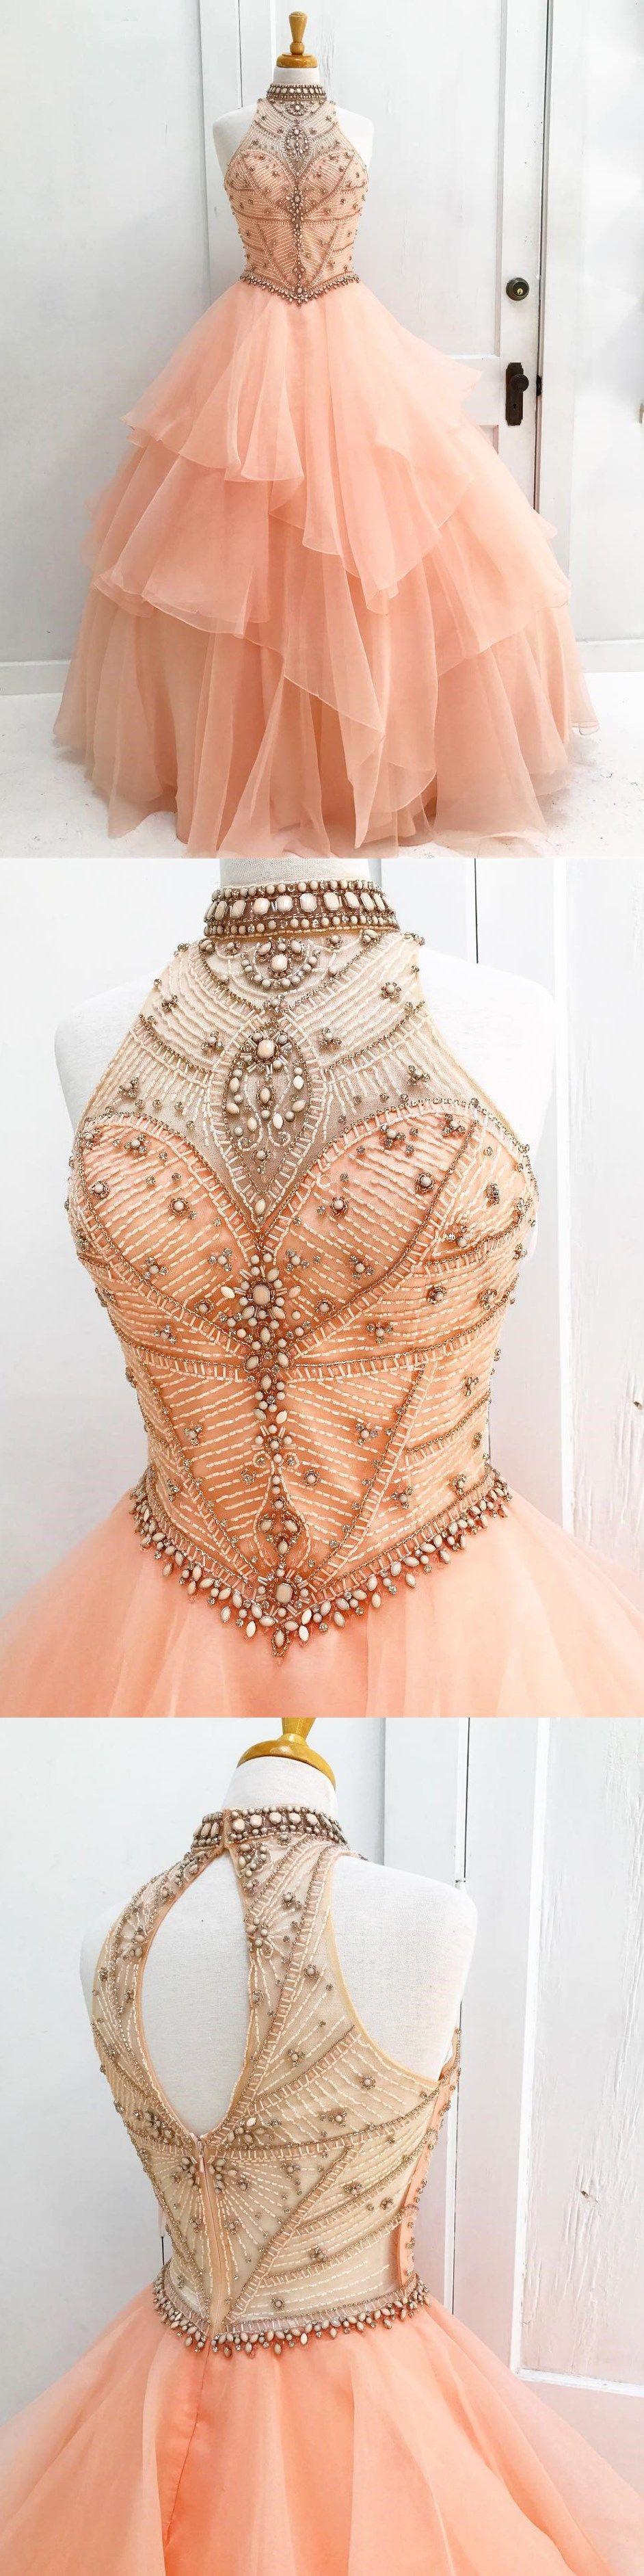 elegante kleider,kleider kaufen,kommunionkleider,partykleider ...